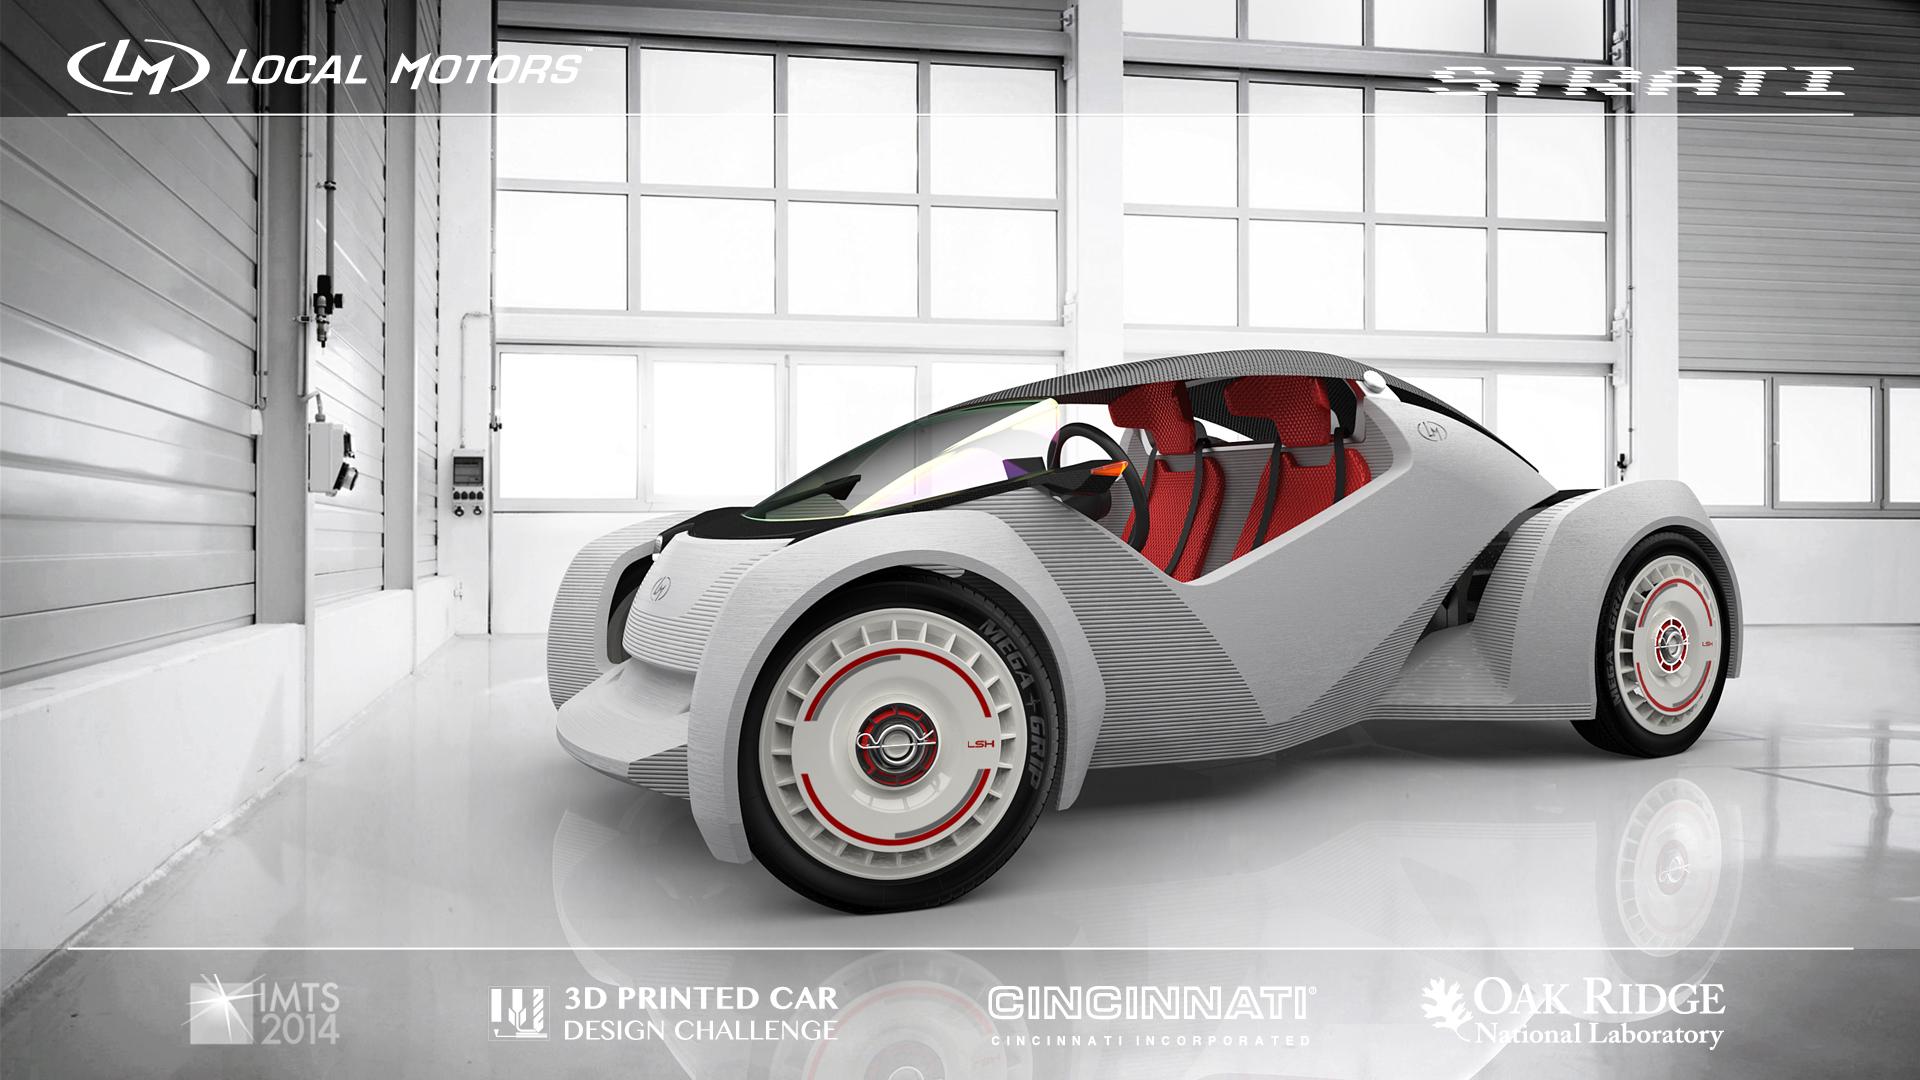 Το Strati είναι το πρώτο πραγματικό 3D printed αυτοκίνητο